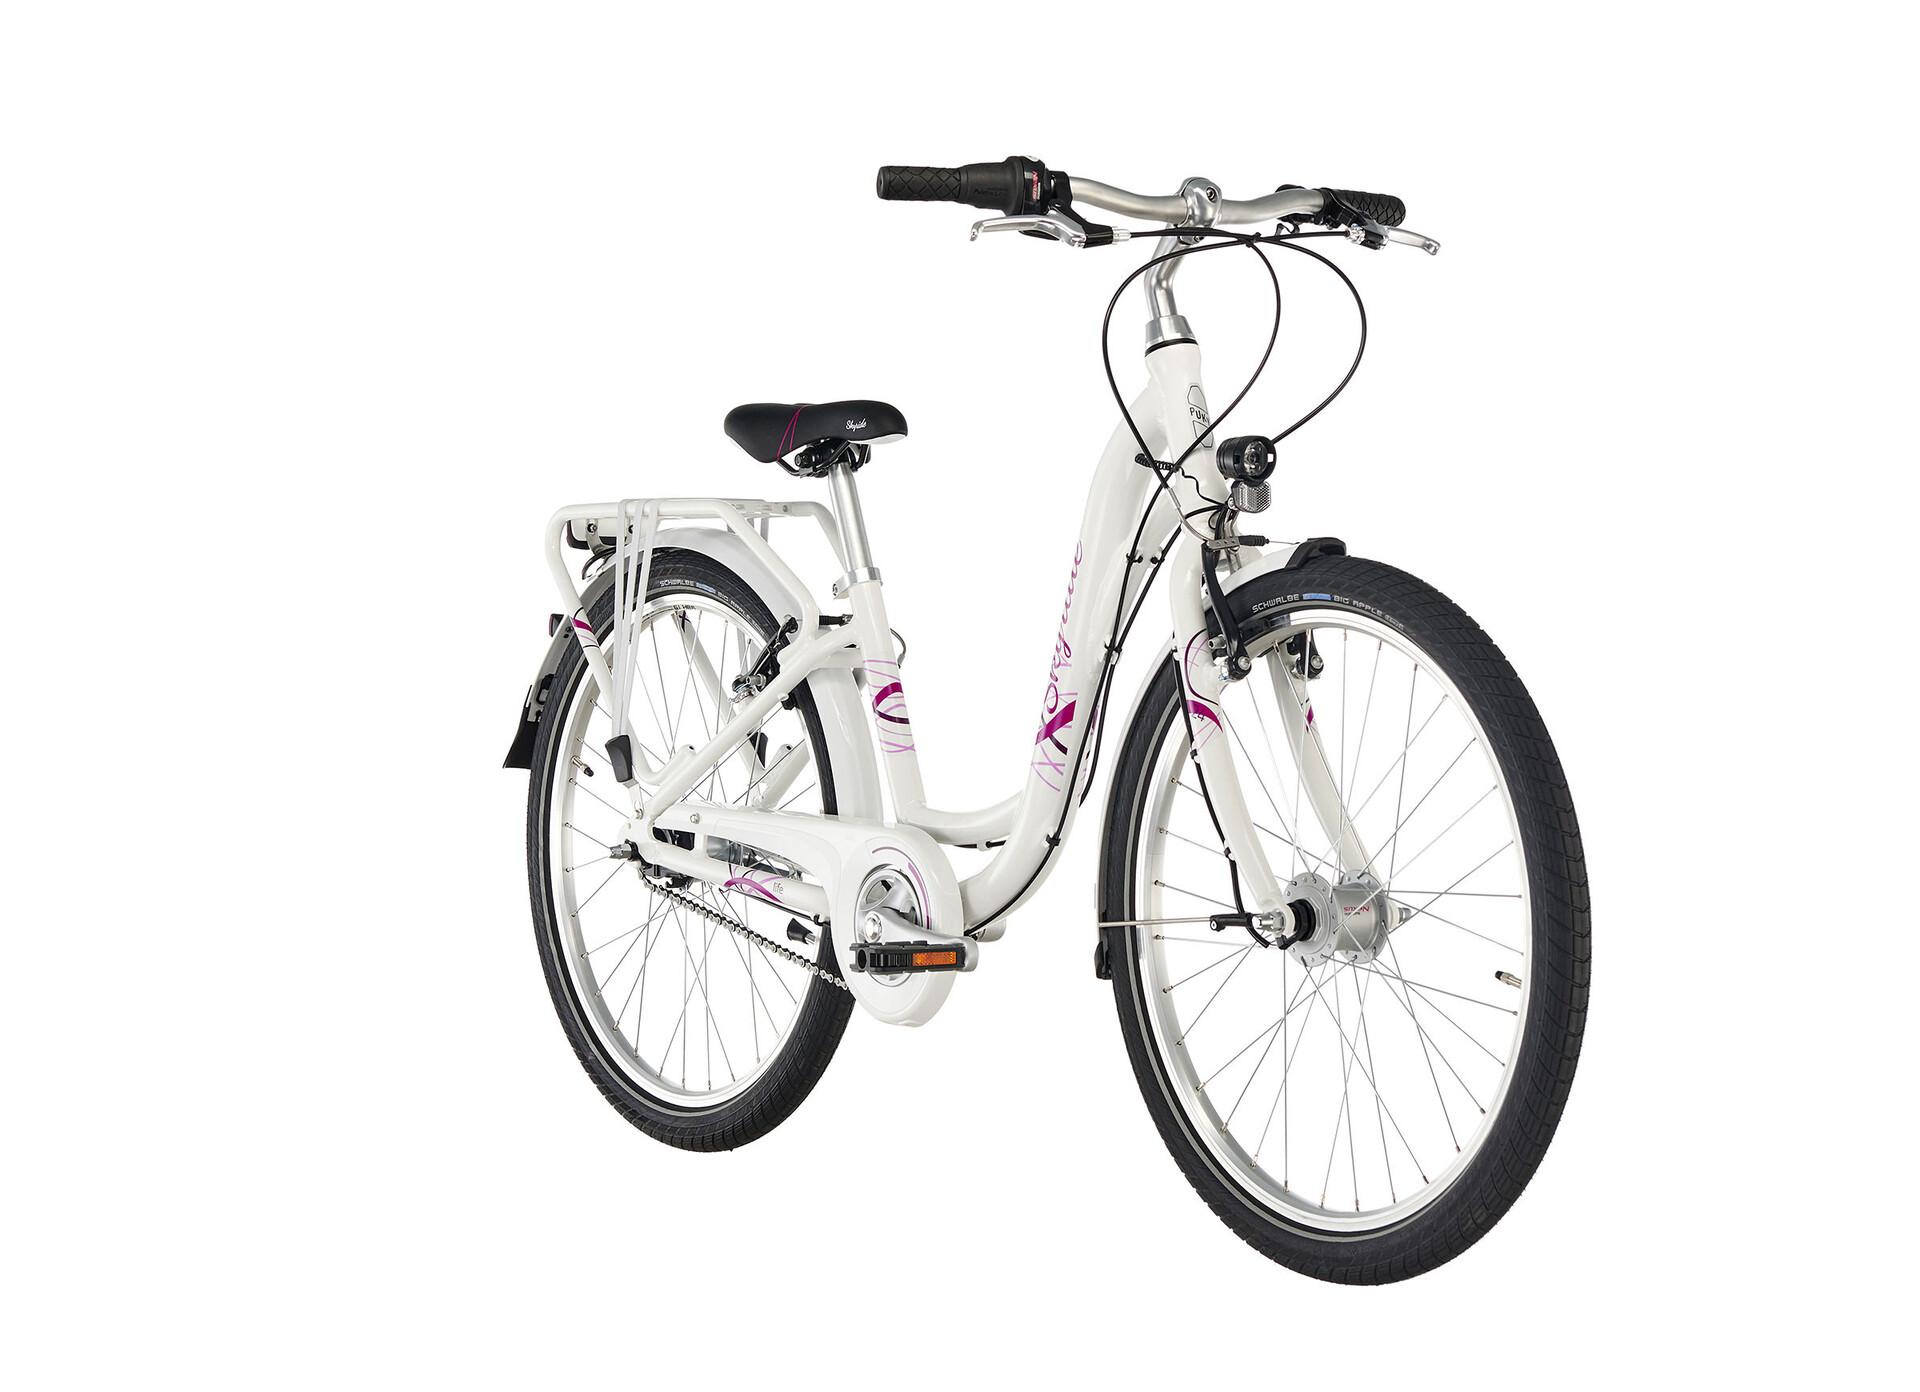 Puky Skyride Light 24 Fahrrad 8 Gang Mädchen online kaufen